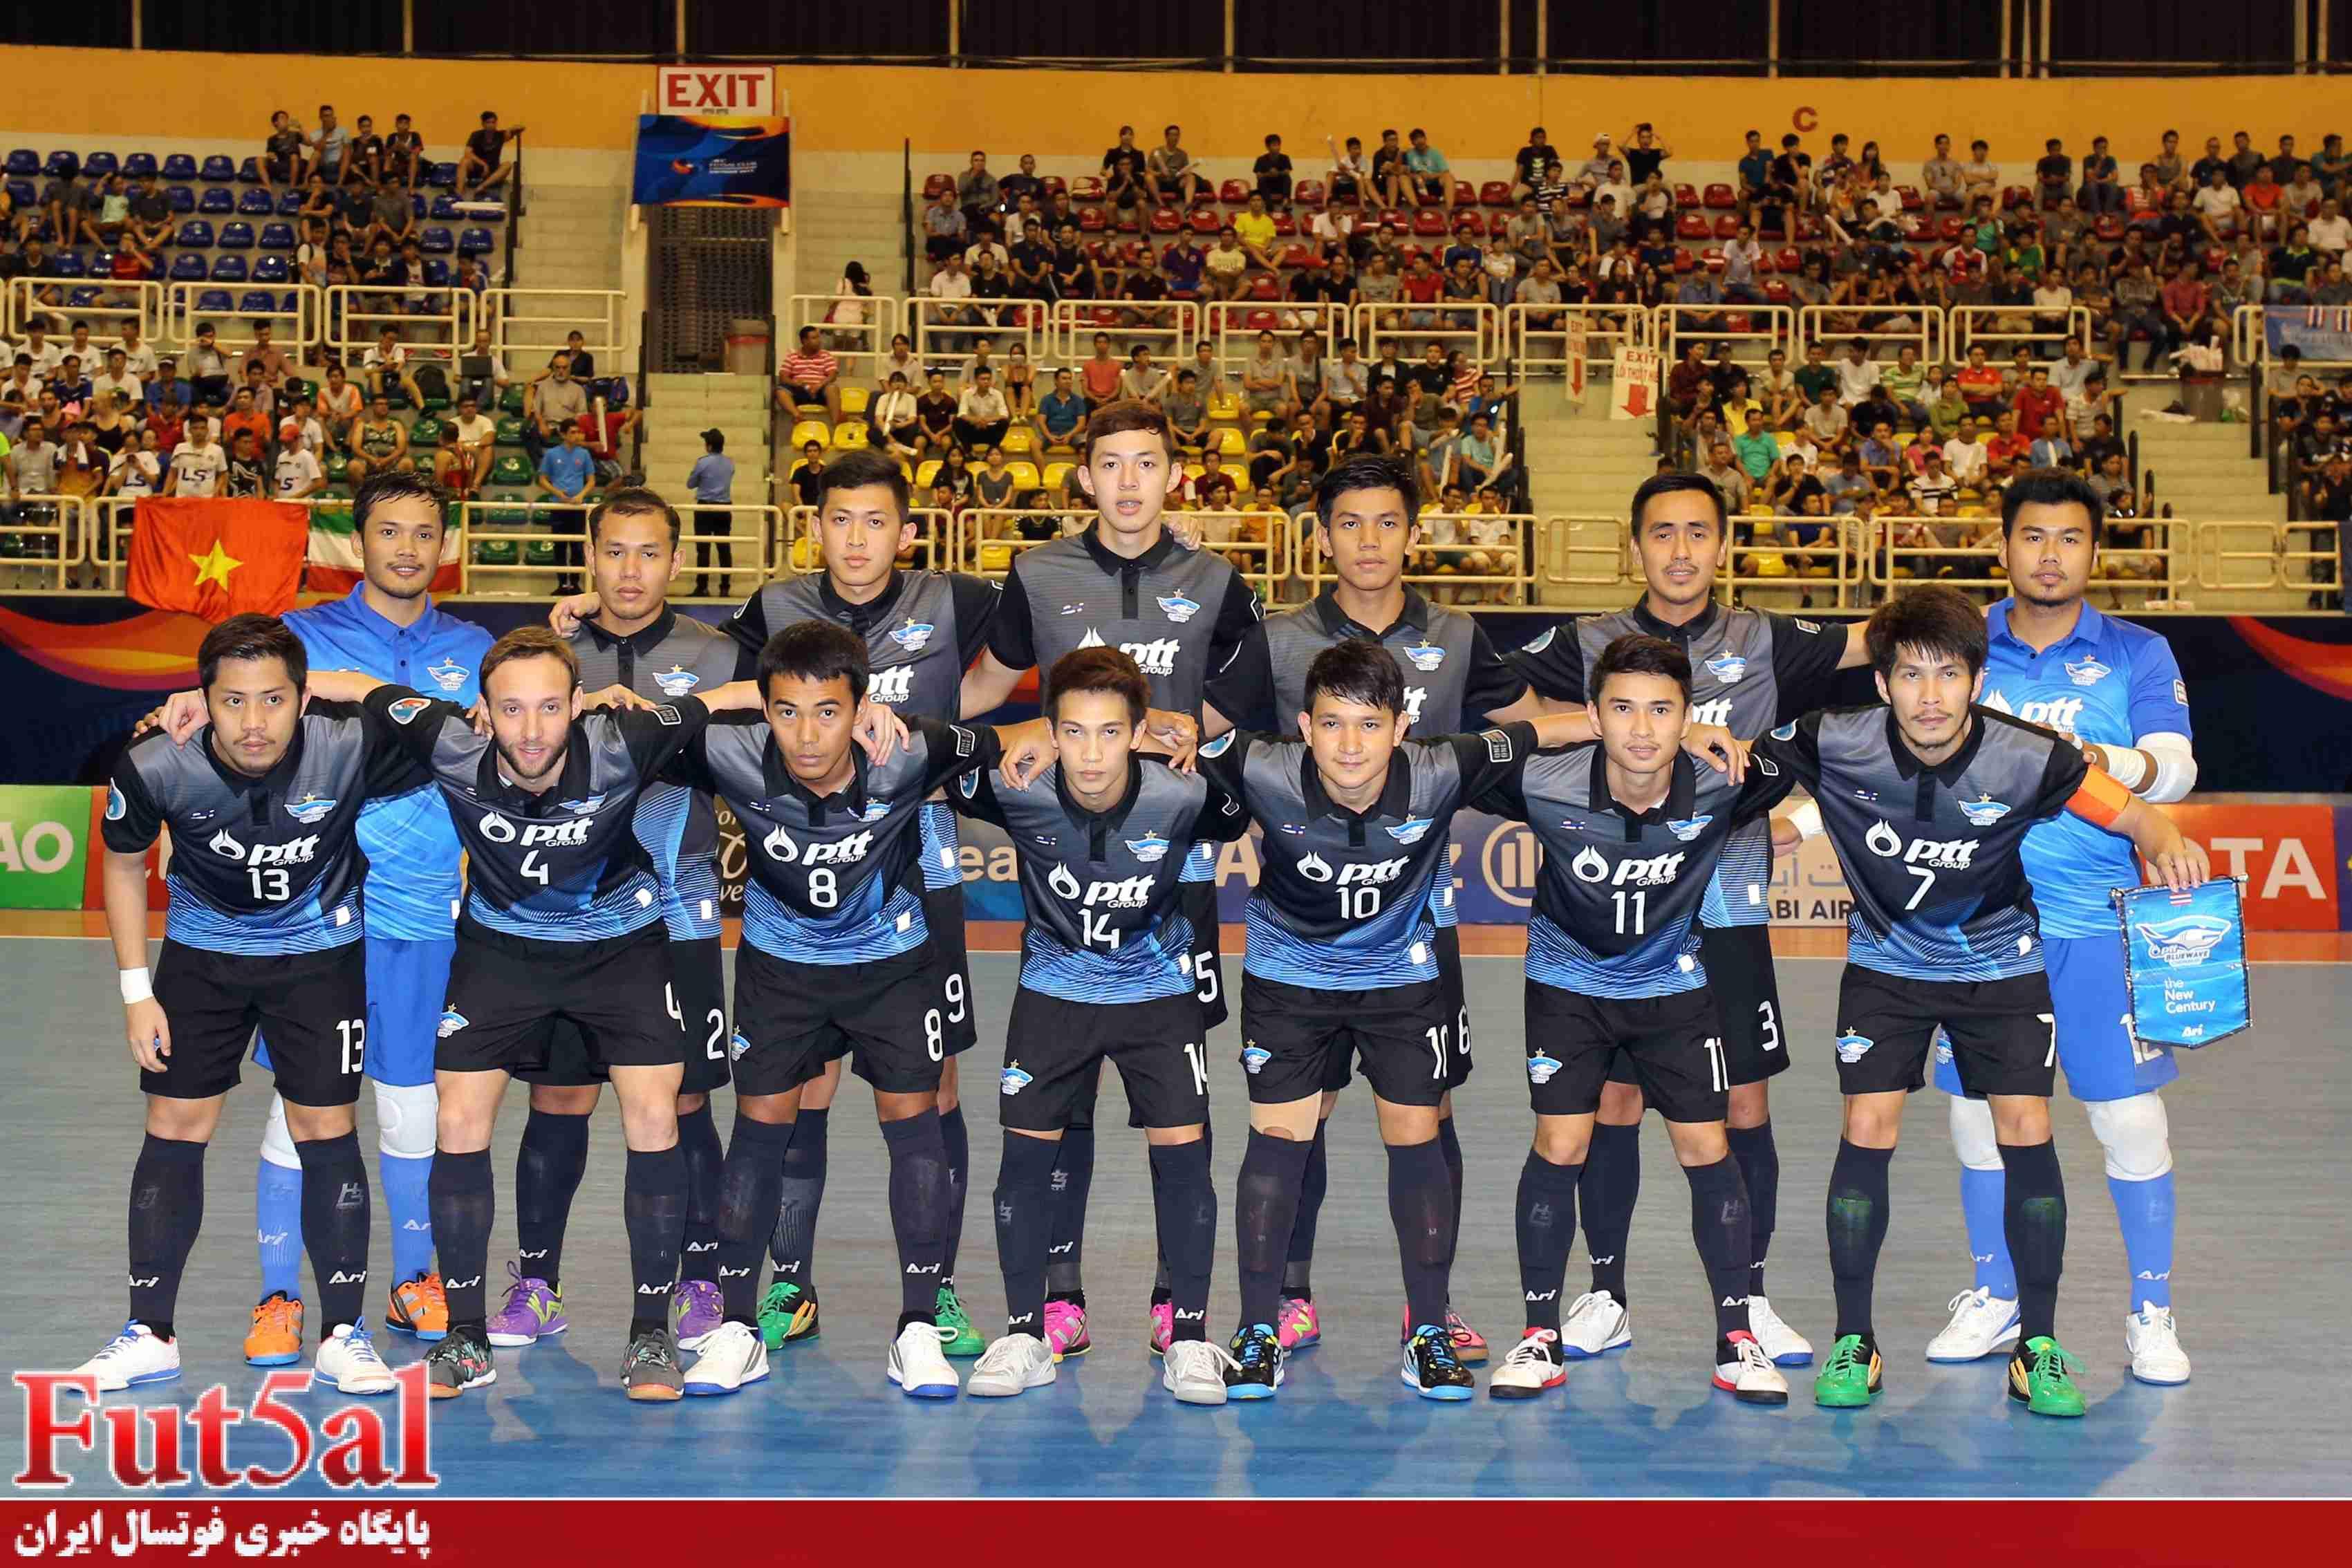 چونبوری تایلند، گربه سیاه تیم های ایرانی